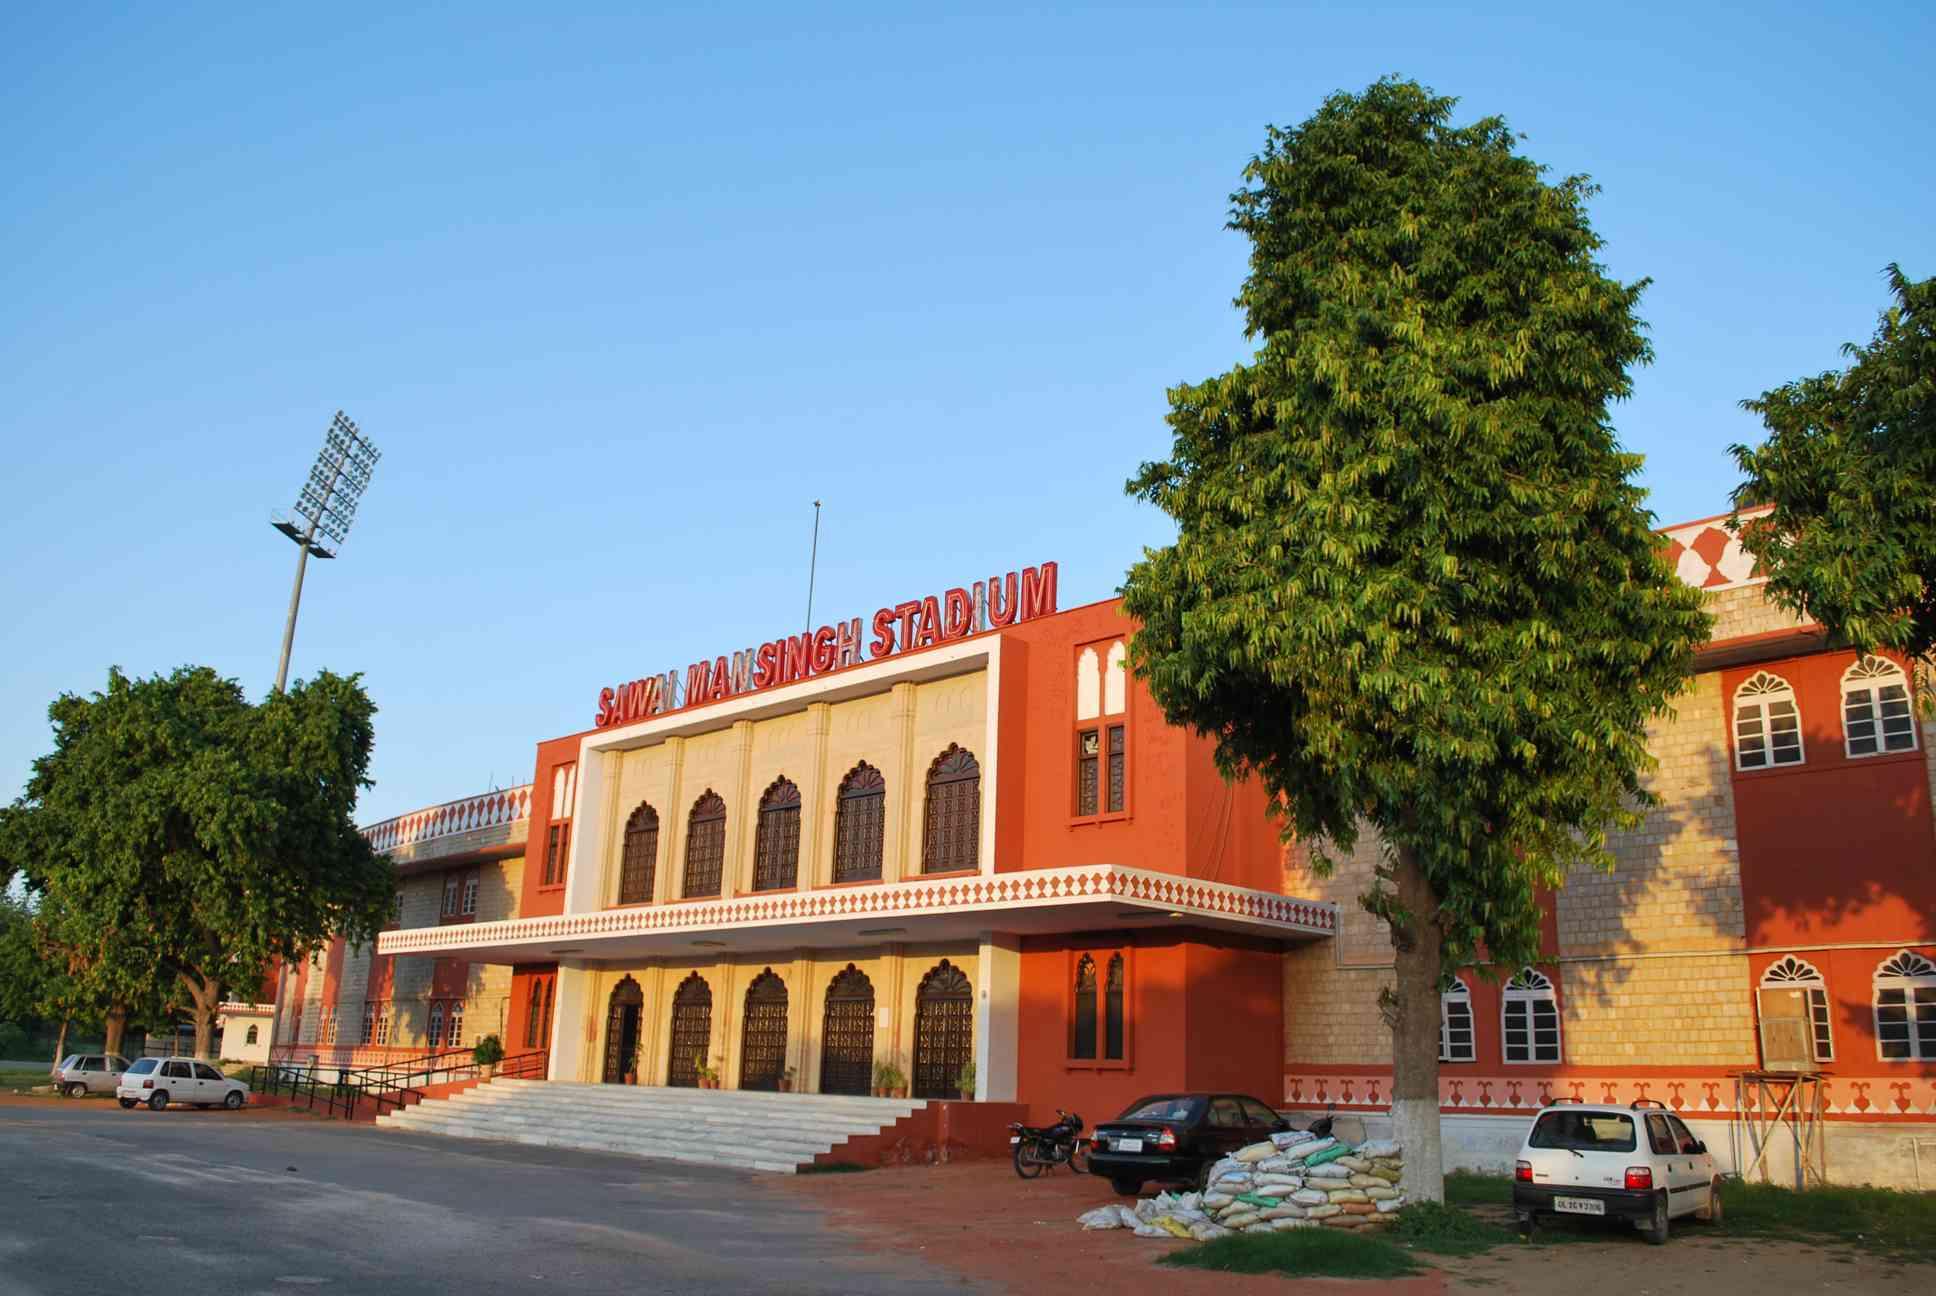 सवाई मानसिंह स्टेडियम जयपुर